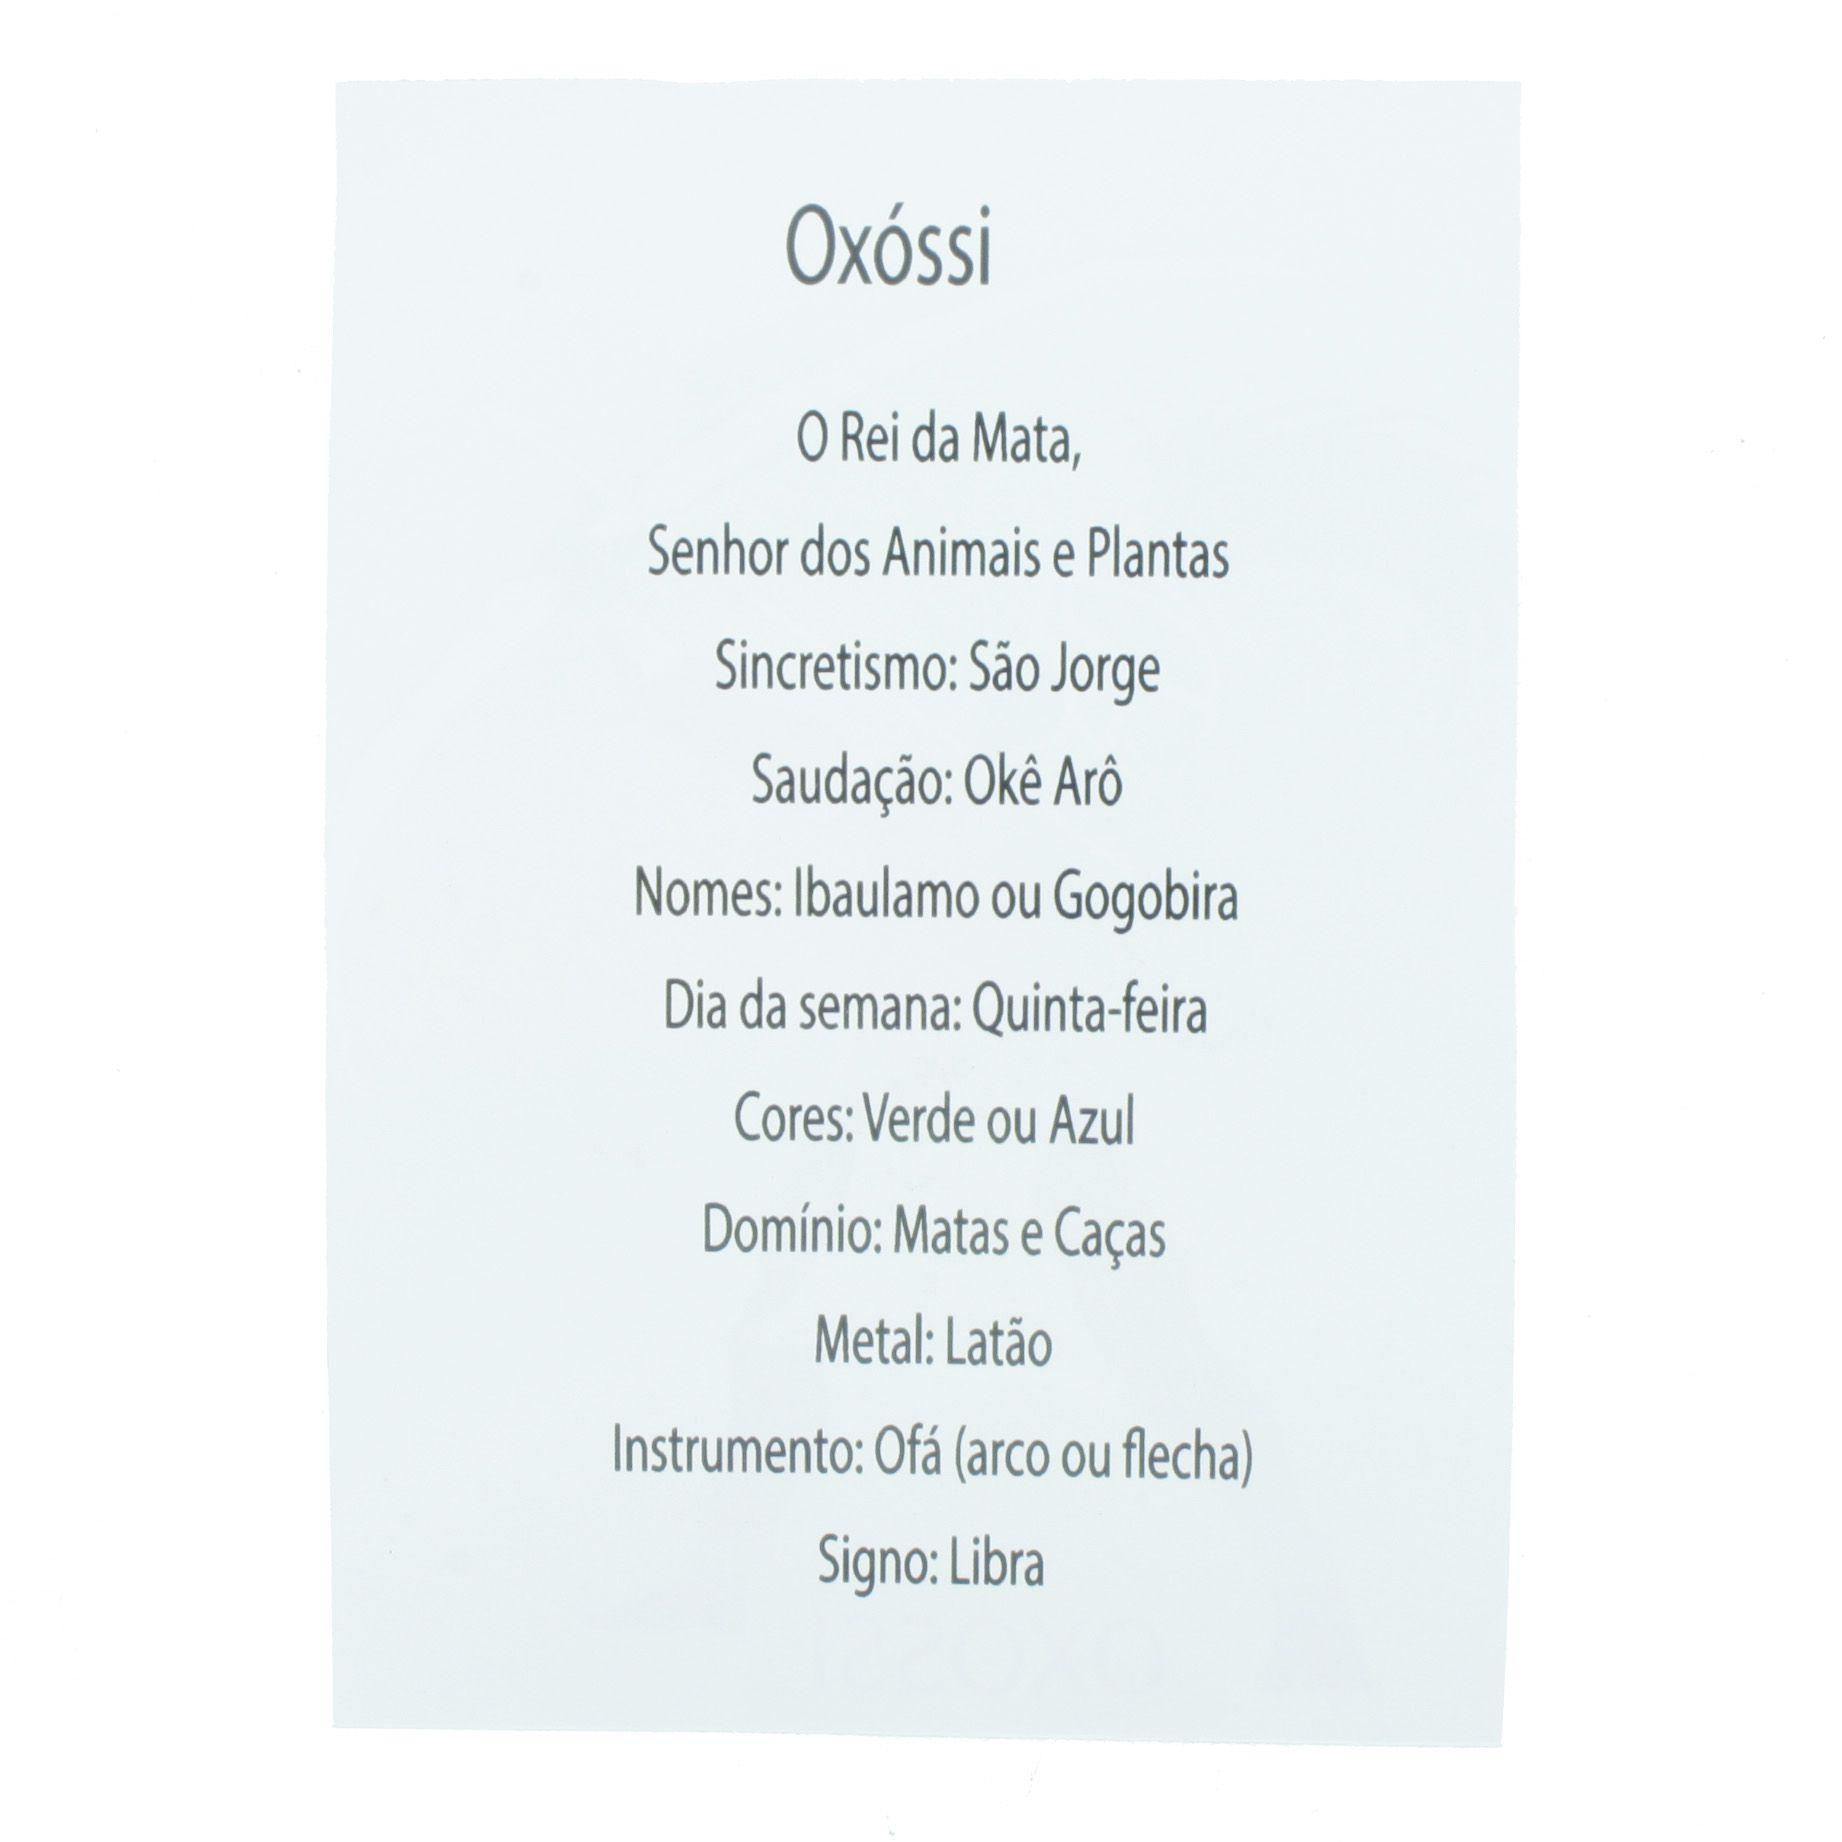 Medalha Oxóssi + Folheto  - Universo Religioso® - Artigos de Umbanda e Candomblé